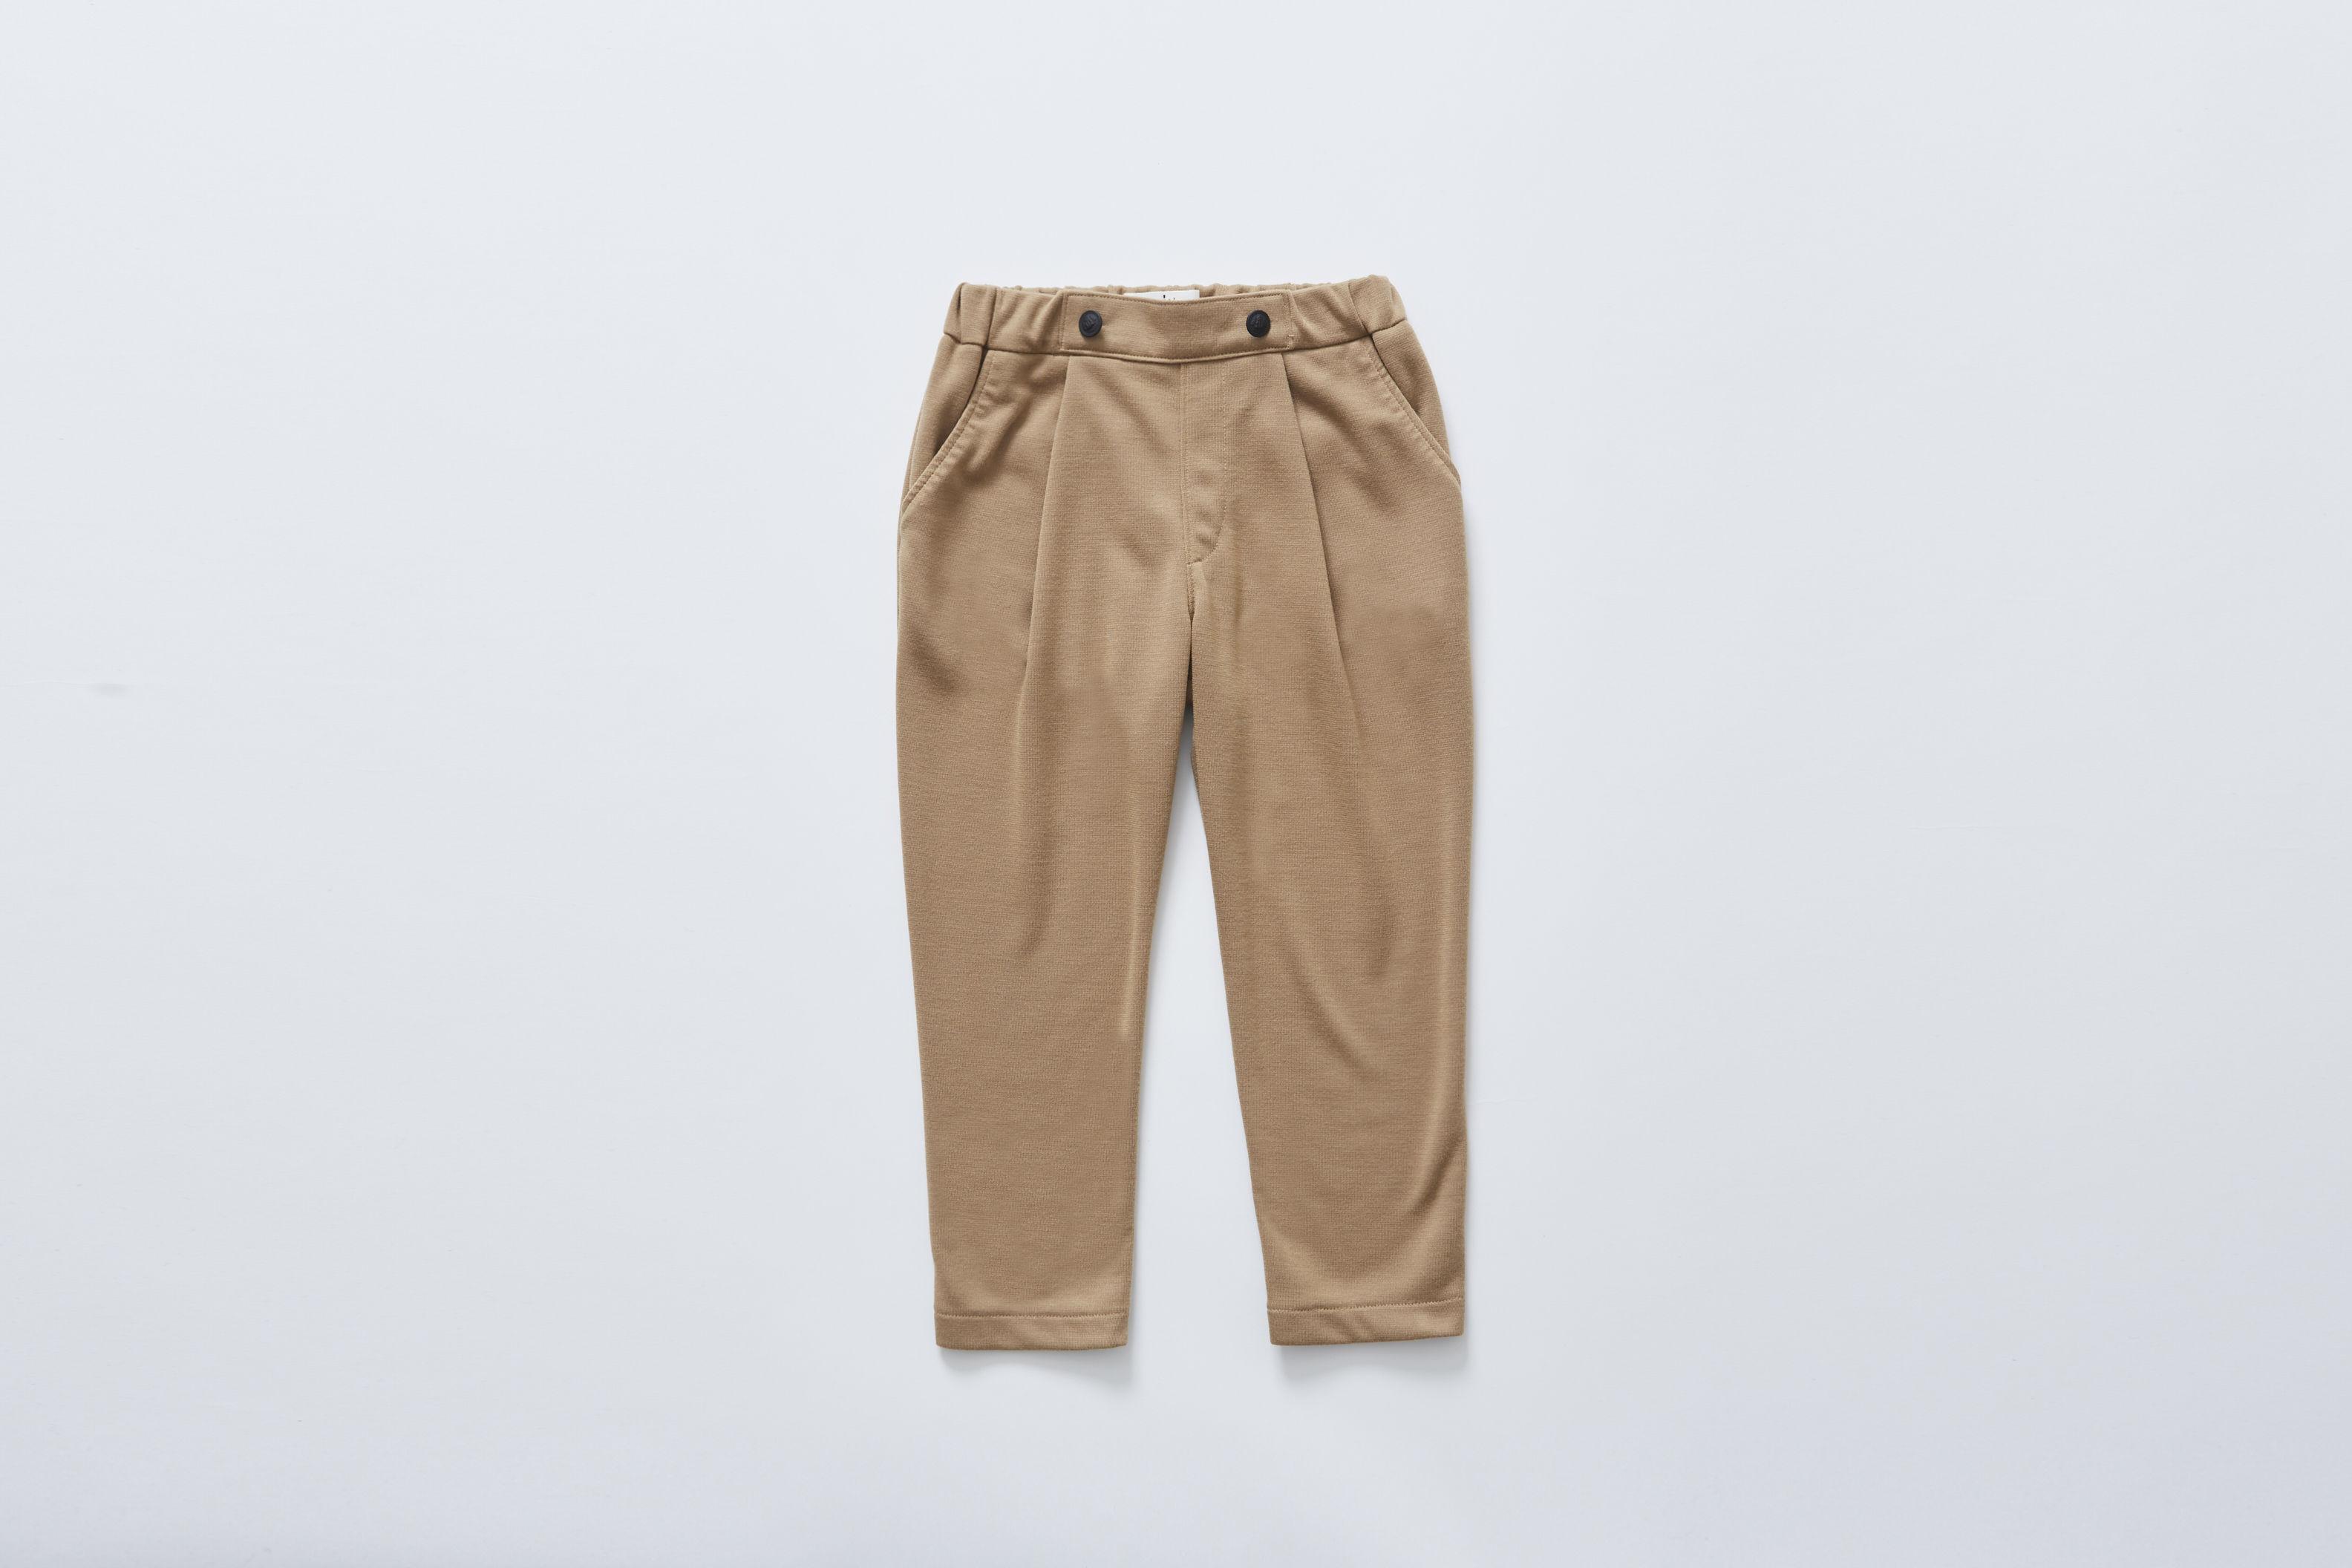 【cokitica 2017AW】cka-172J25 ponte knit pants / camel / 80-100cm